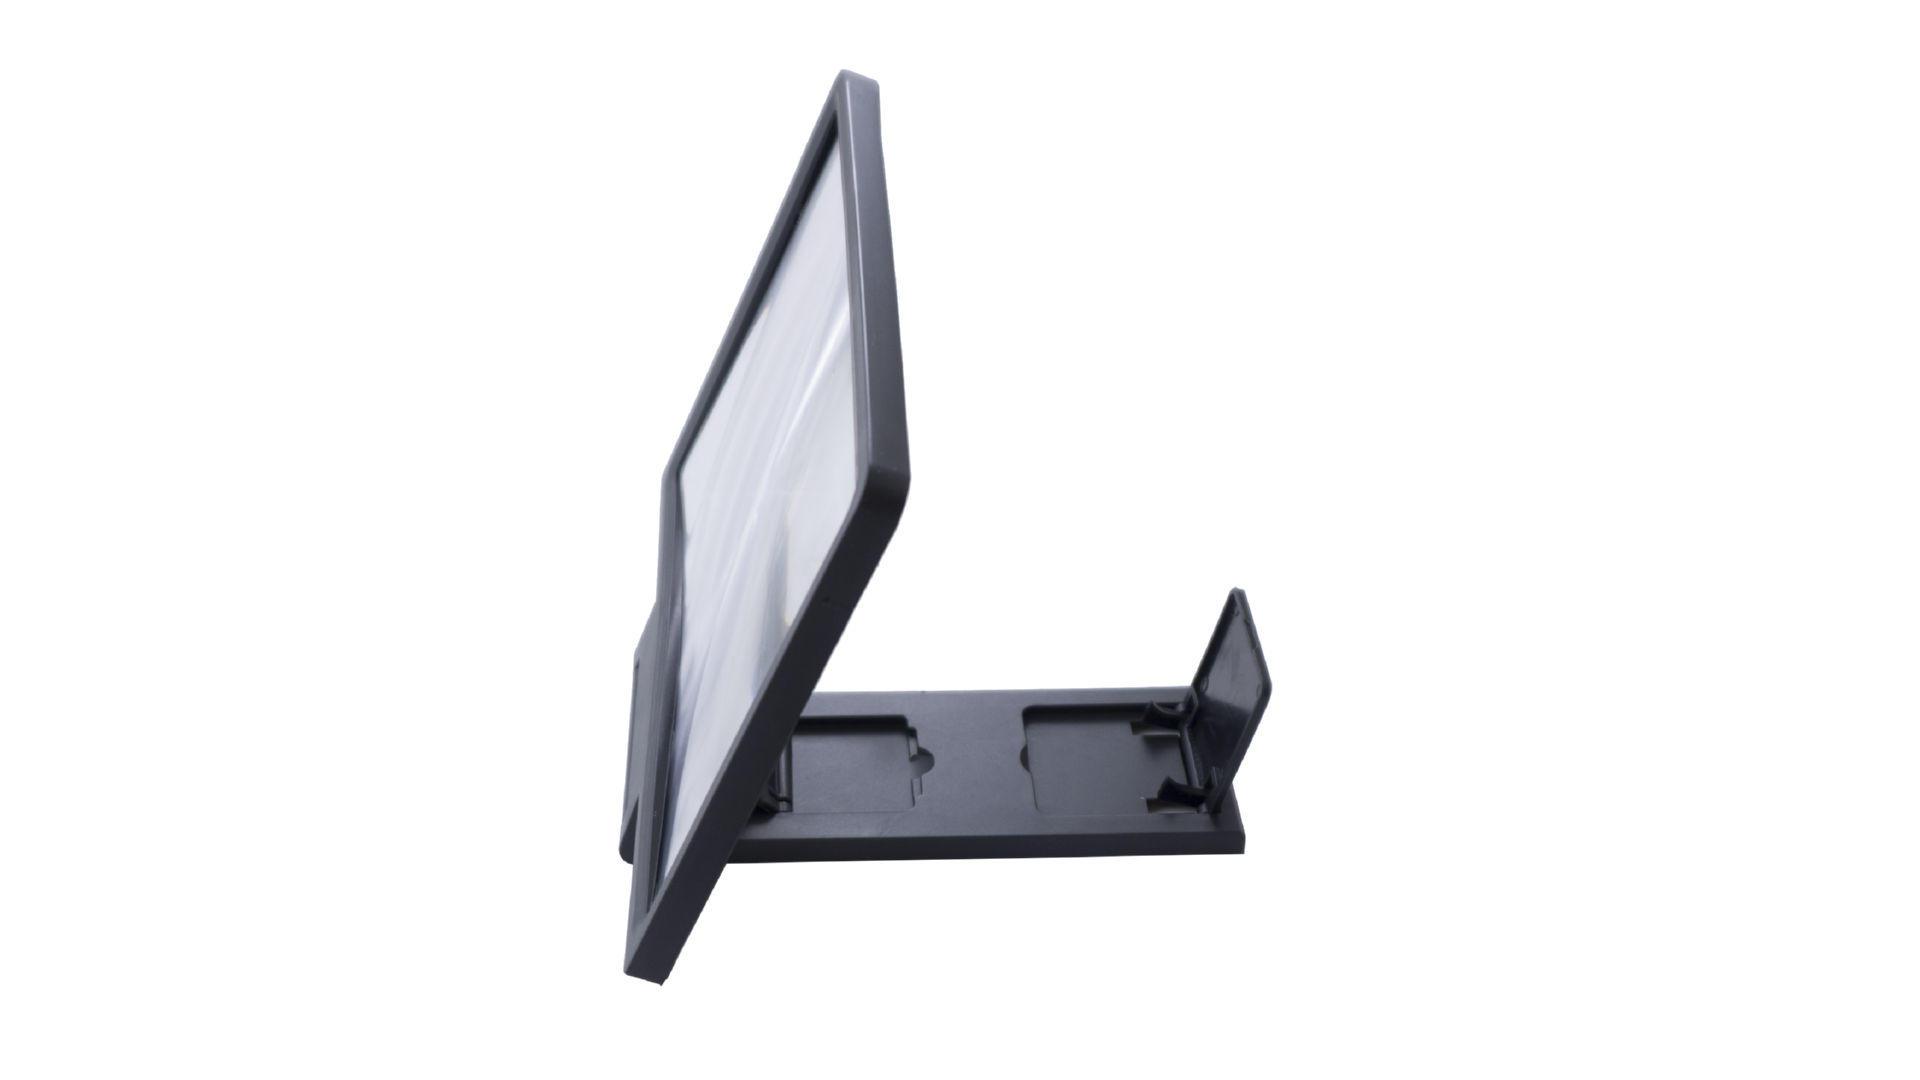 Увеличительное стекло 3D для смартфона Elite - 165 x 105 мм 5